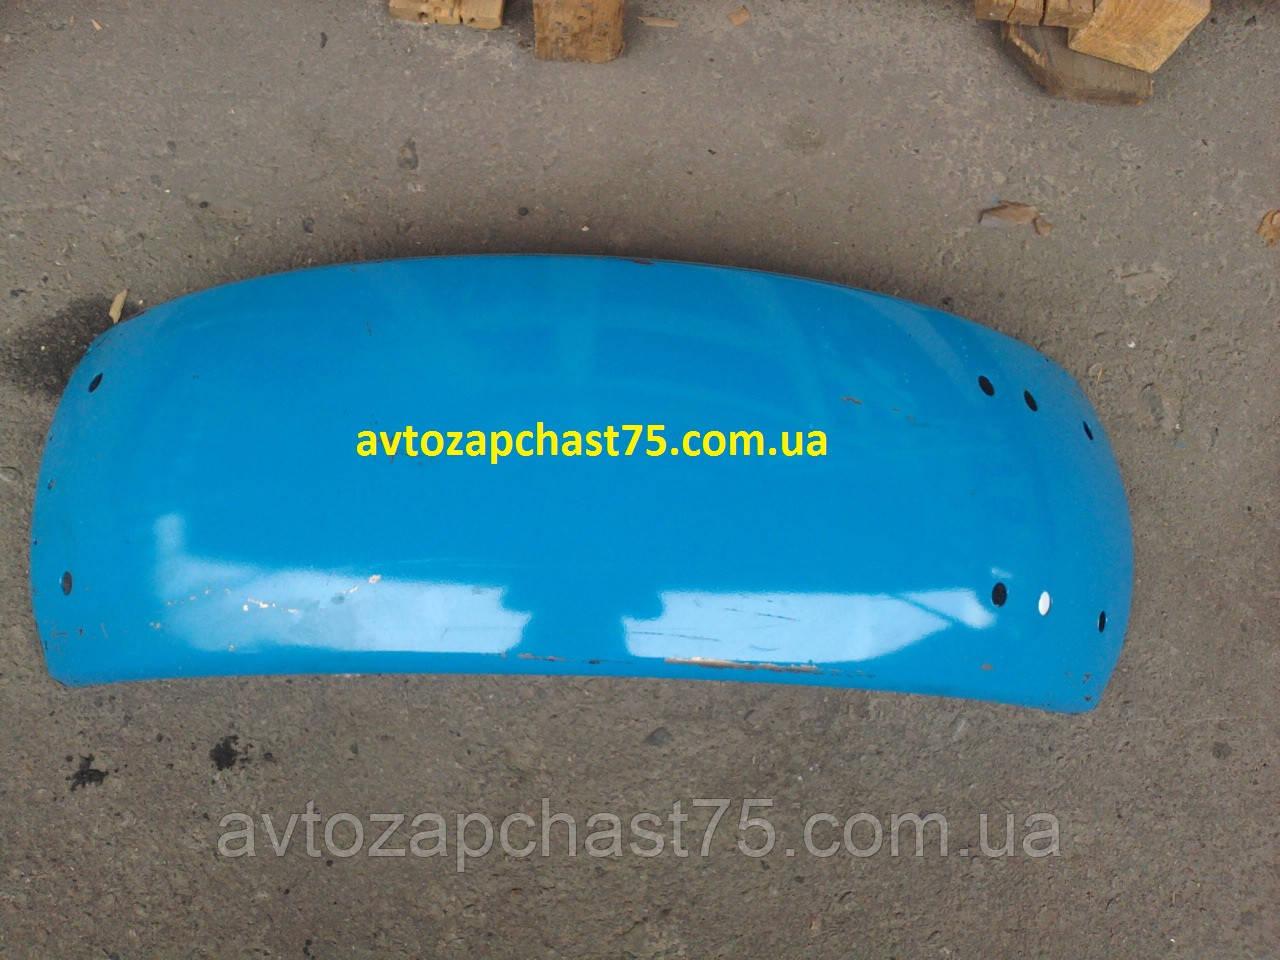 Крыло Мтз 82, 900, 950 переднее голое (производитель Минский тракторный завод, Беларусь )